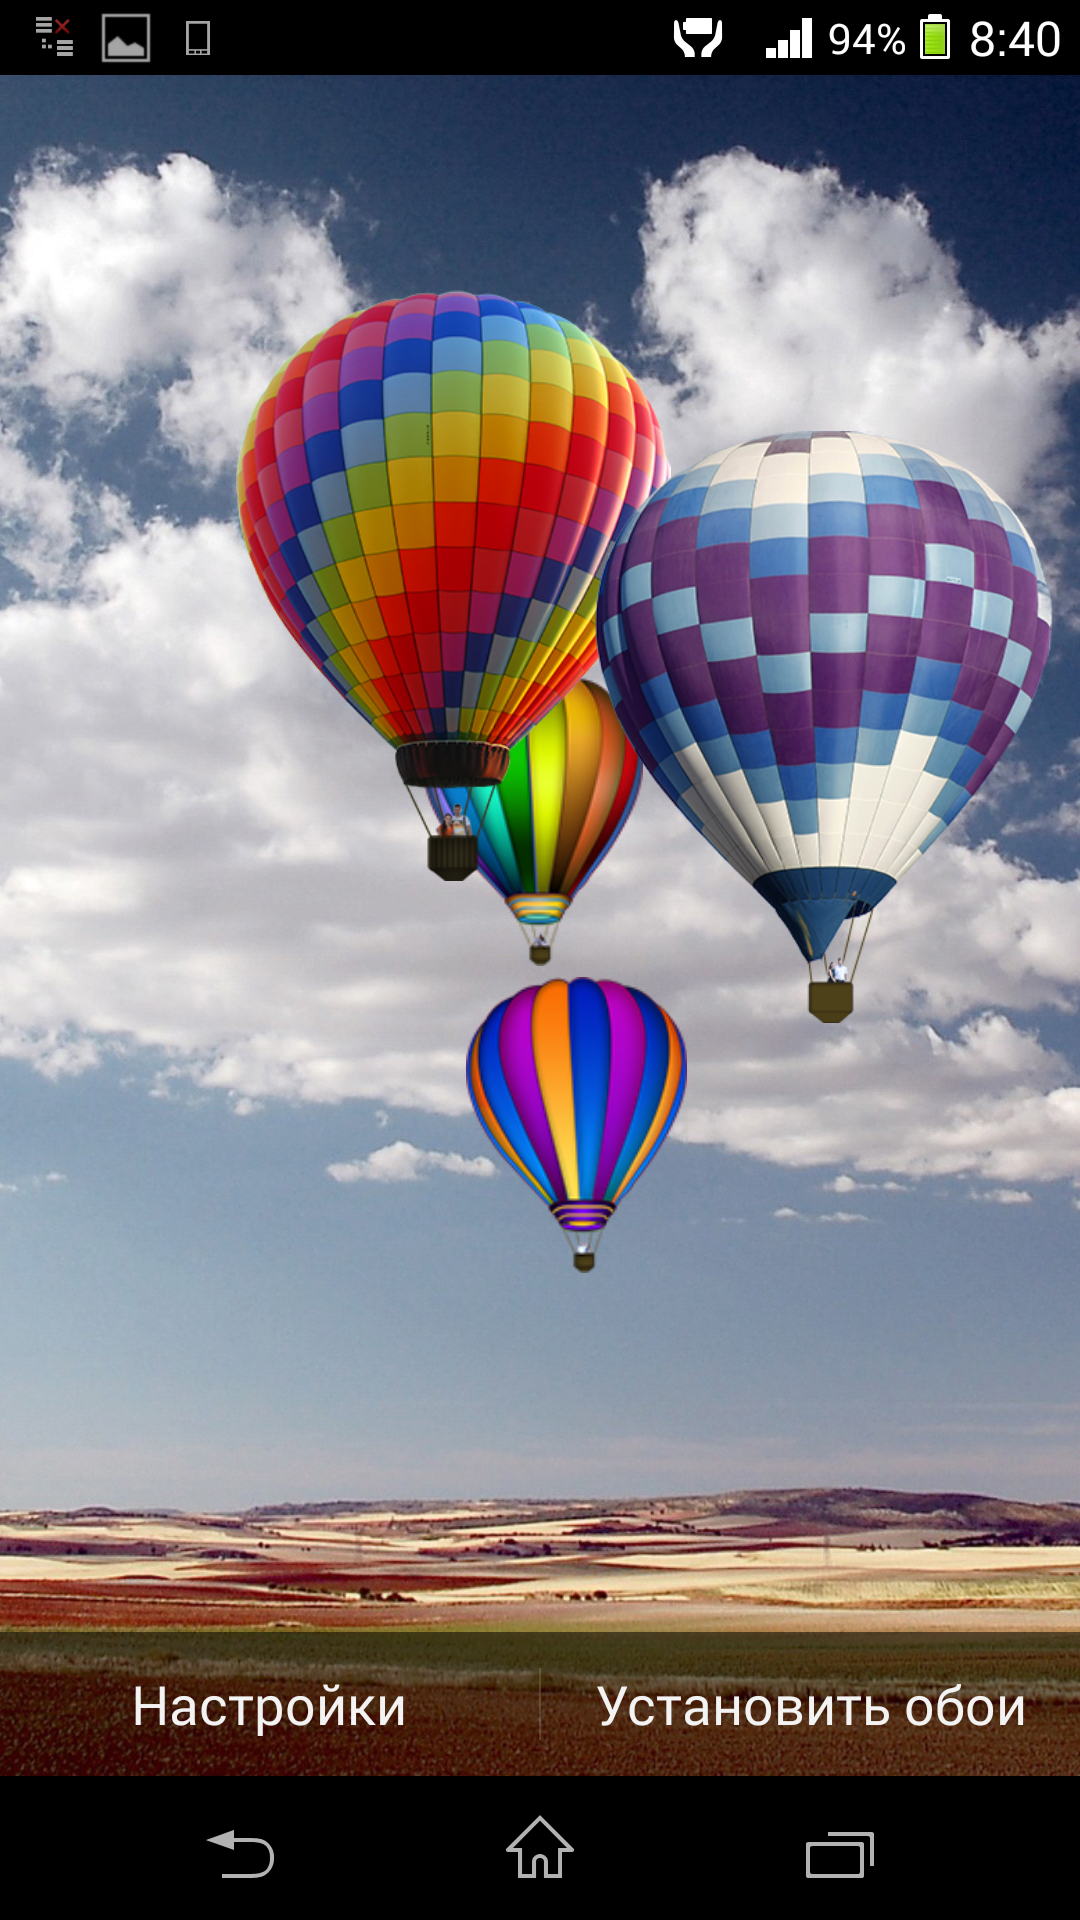 Обои воздушный шар, красиво. Города foto 3